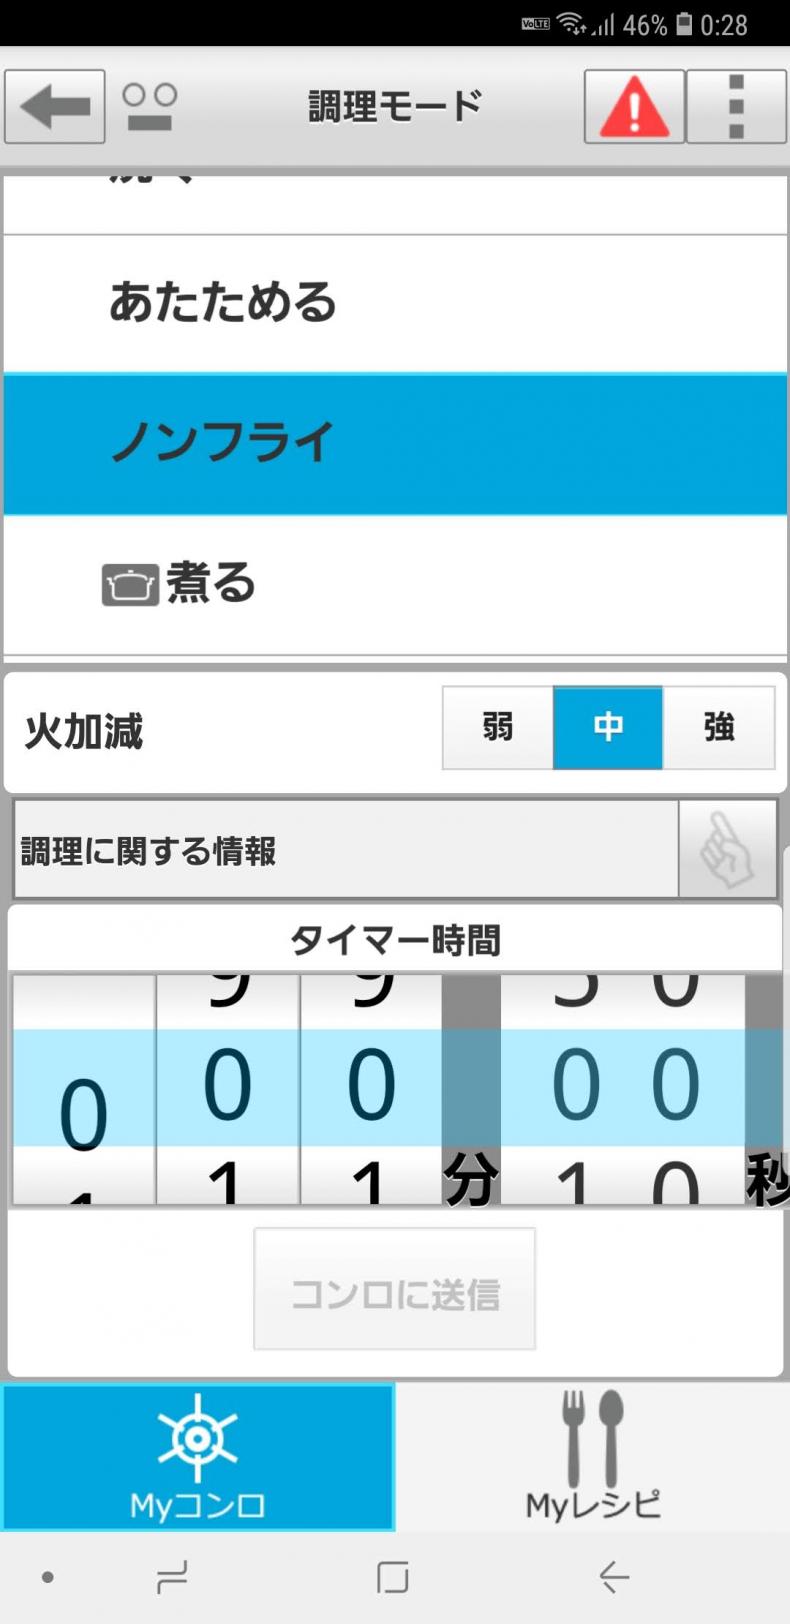 スマートコンロ専用アプリでコンロに設定を送信